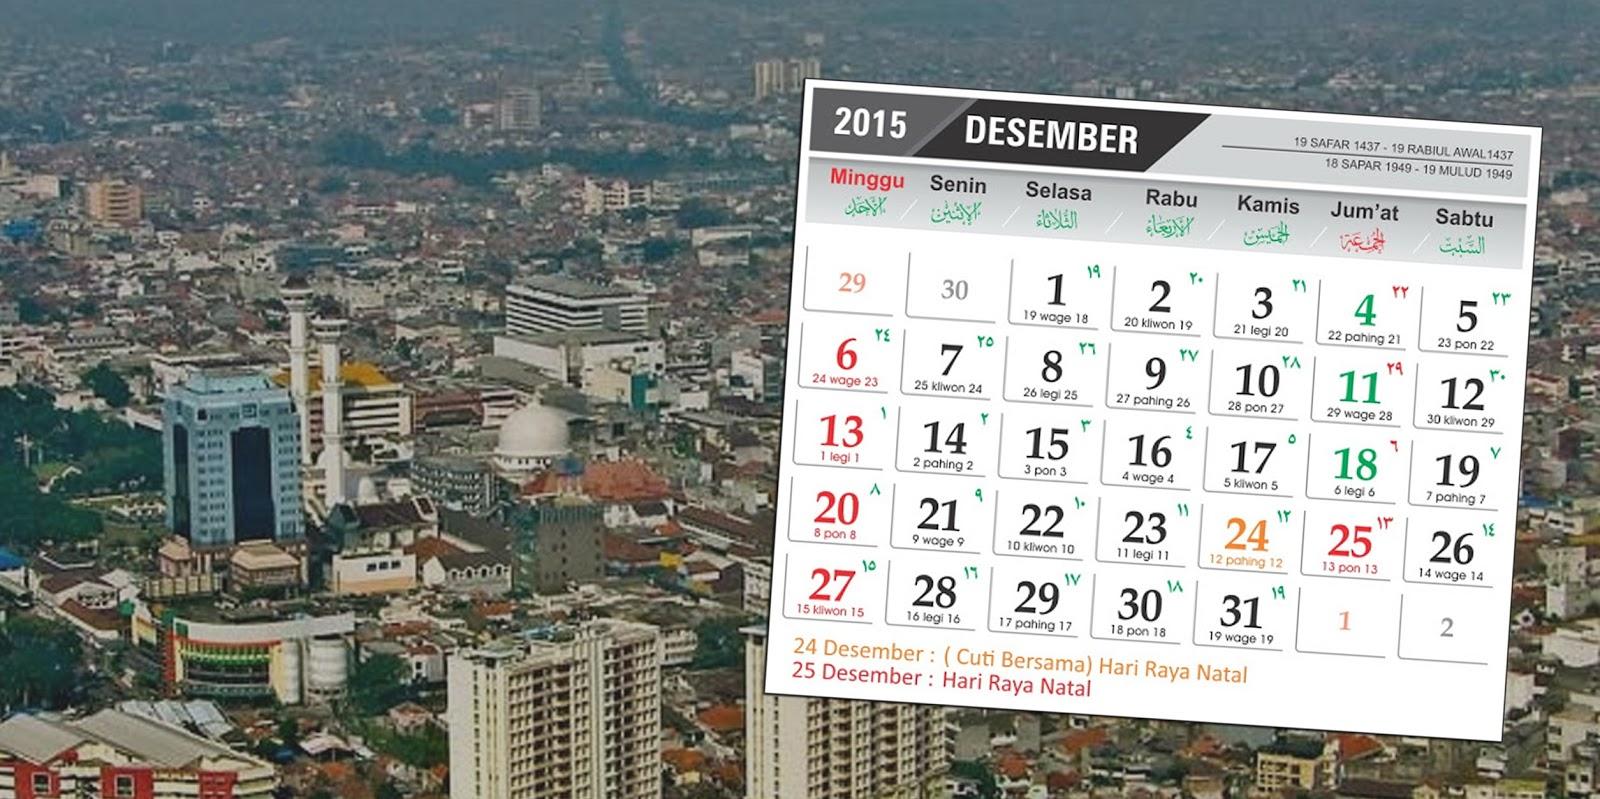 jadwal event Bandung Desember 2015